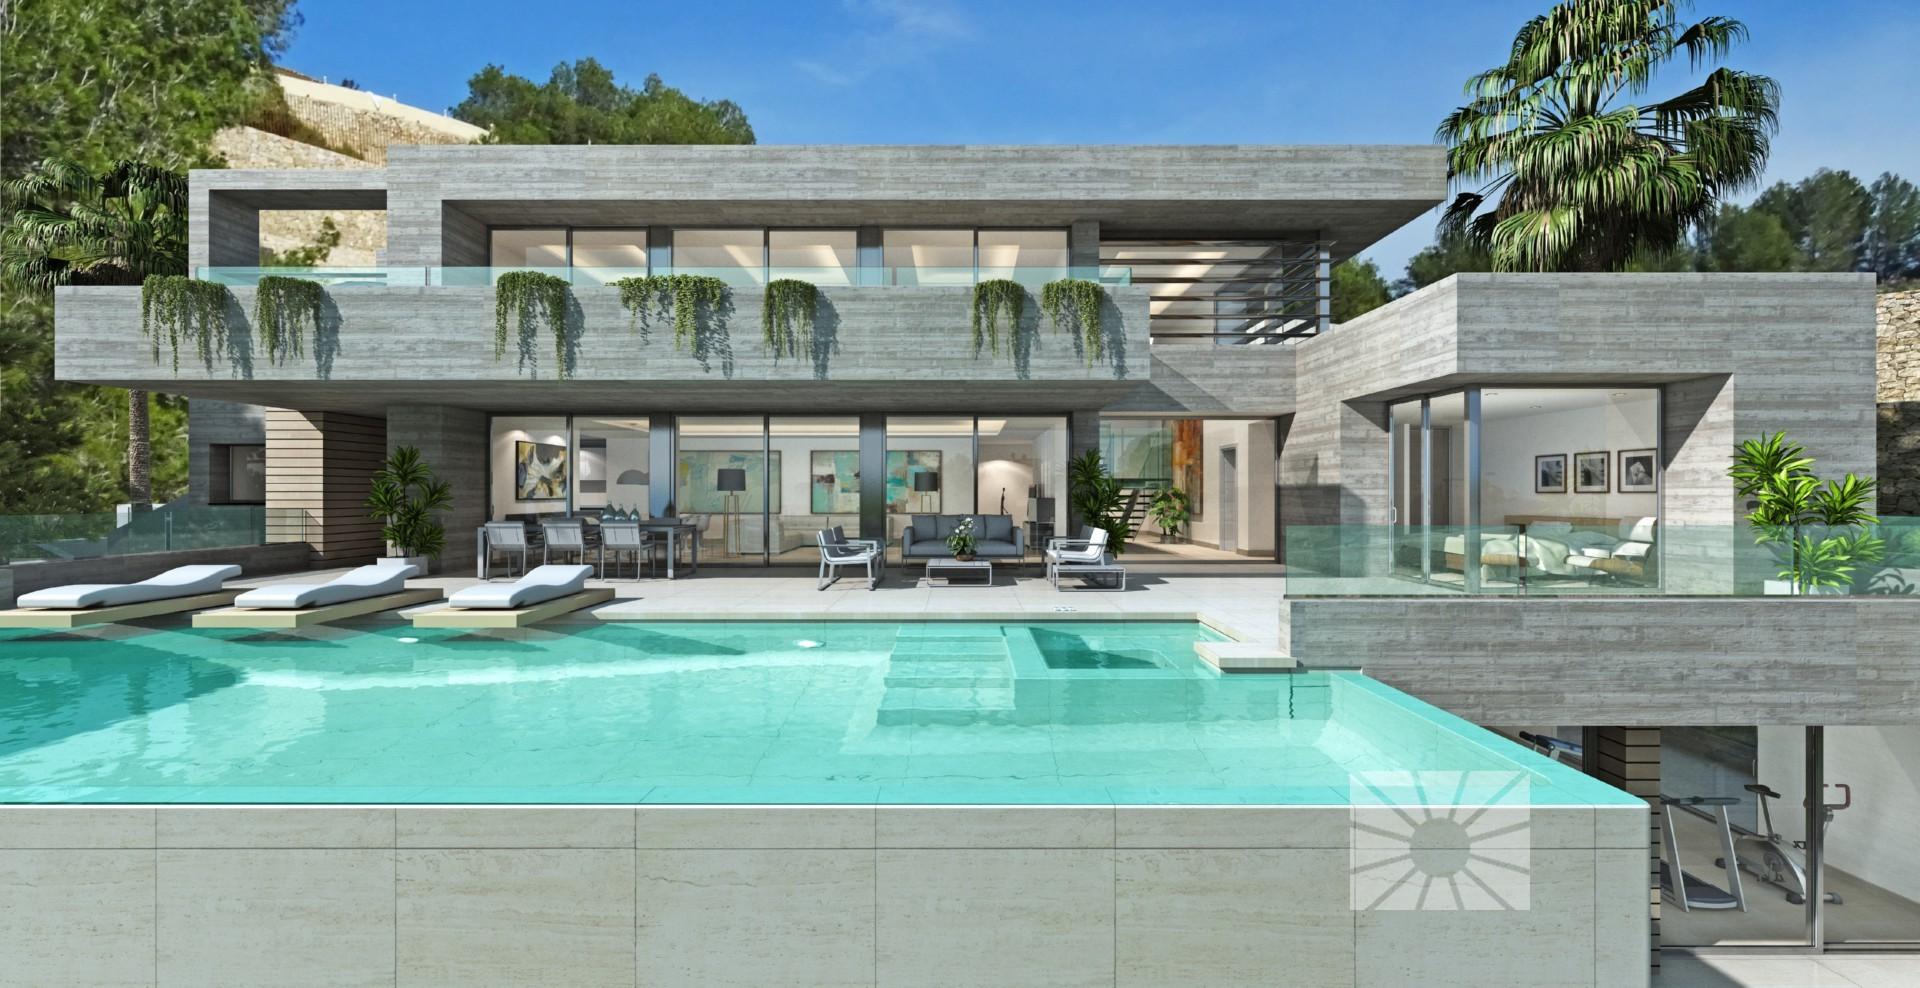 Raco galeno venta de villa moderna ref fa034 modelo sena for Mar villa modelo